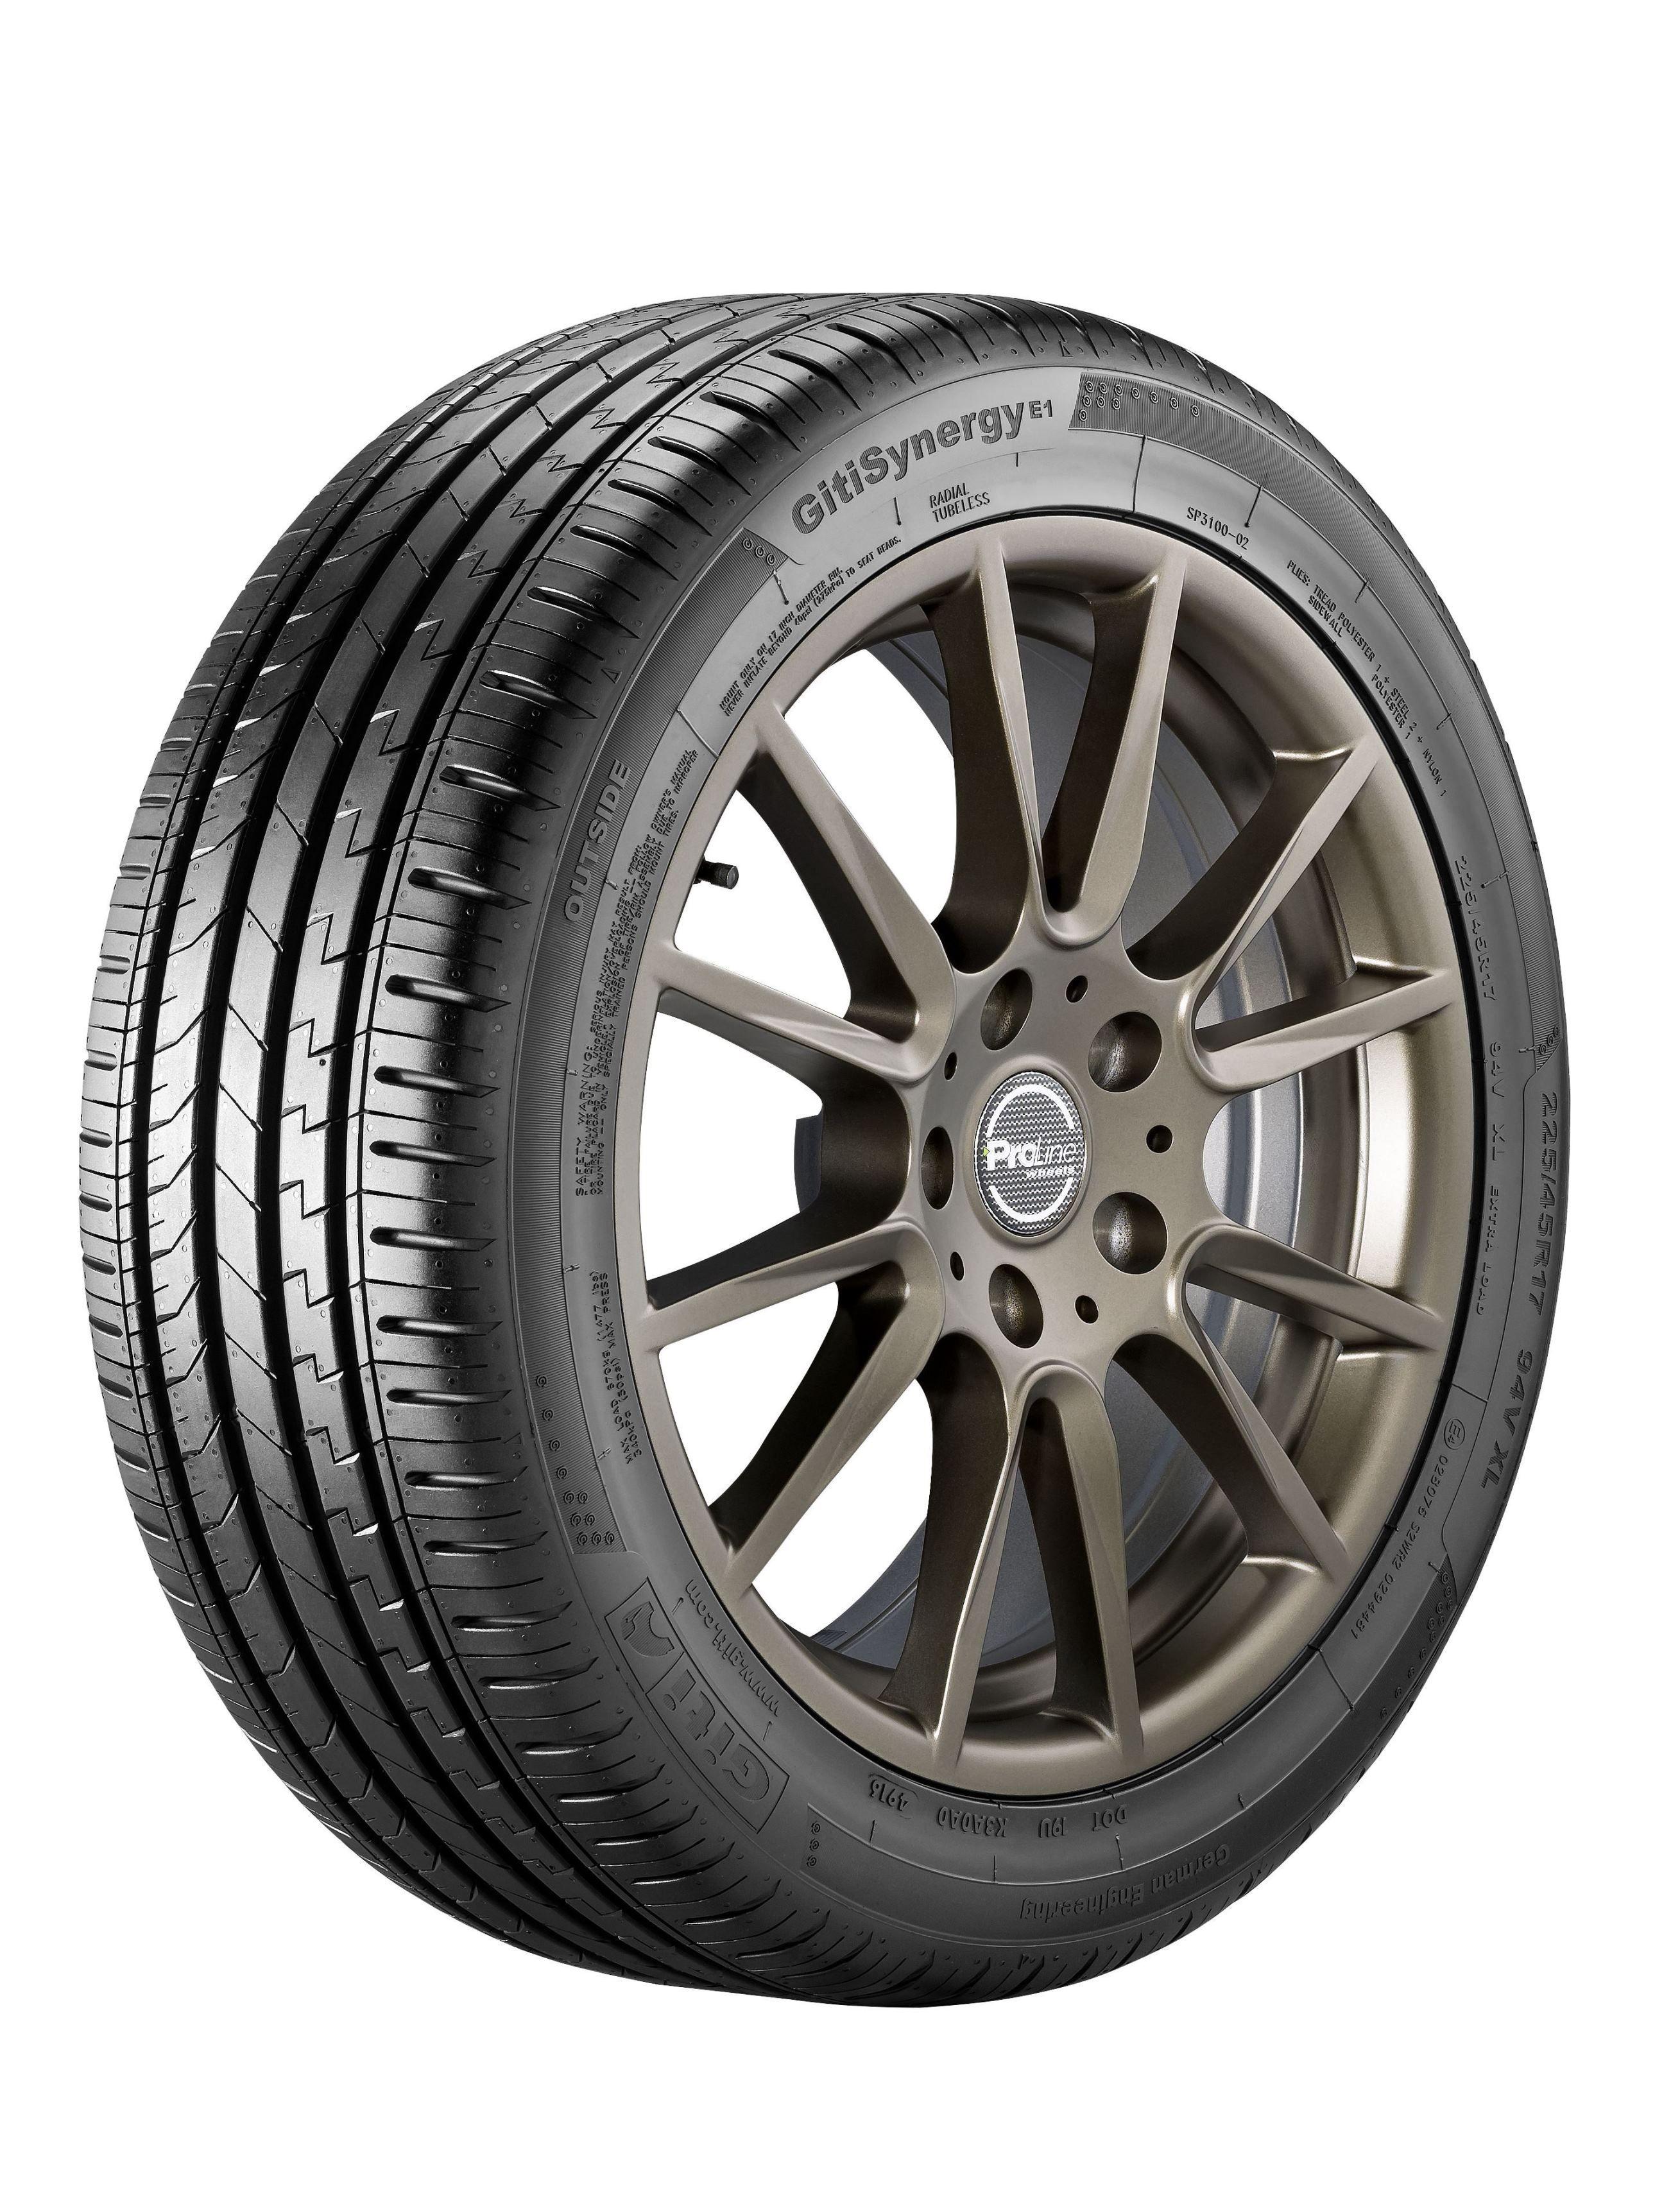 Giti Tire LTD